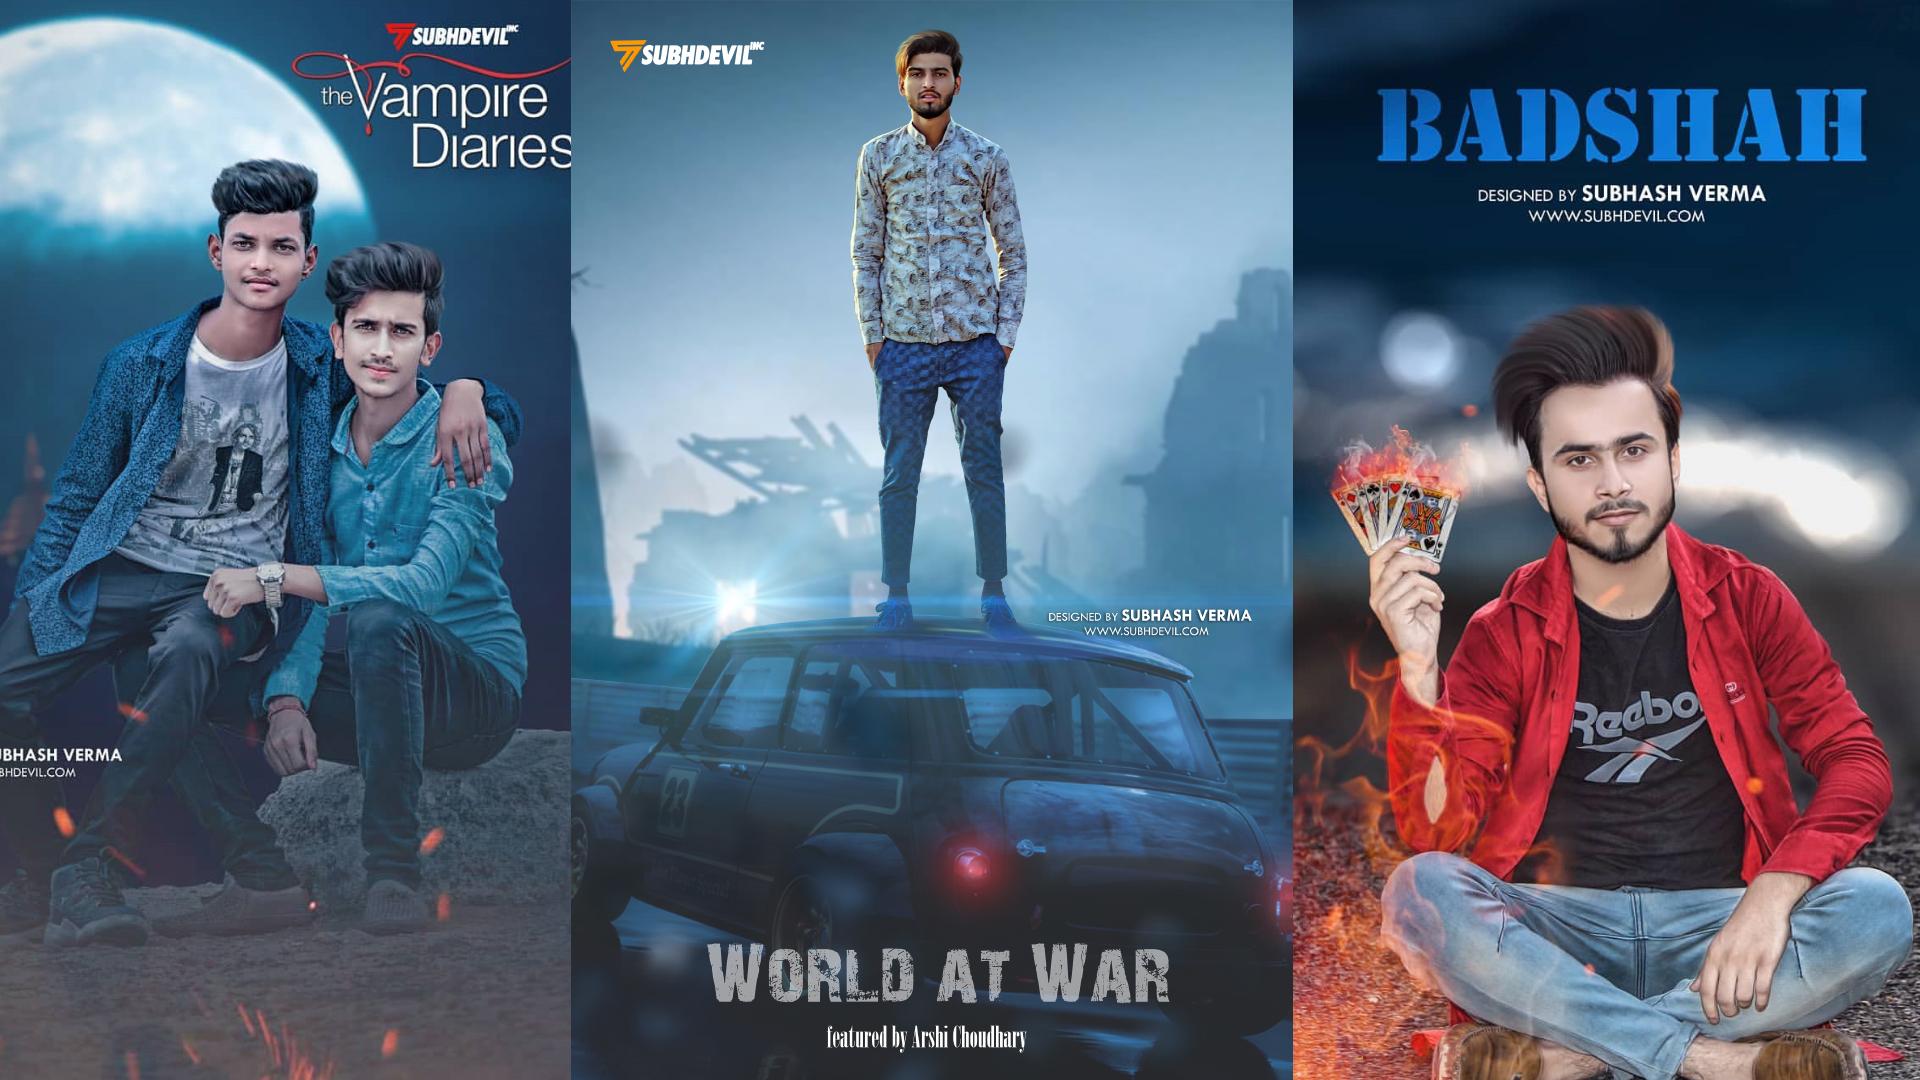 World at war Picsart Movie Poster Editing 2019 | Picsart Photo Editing Tutorial by Subh devil